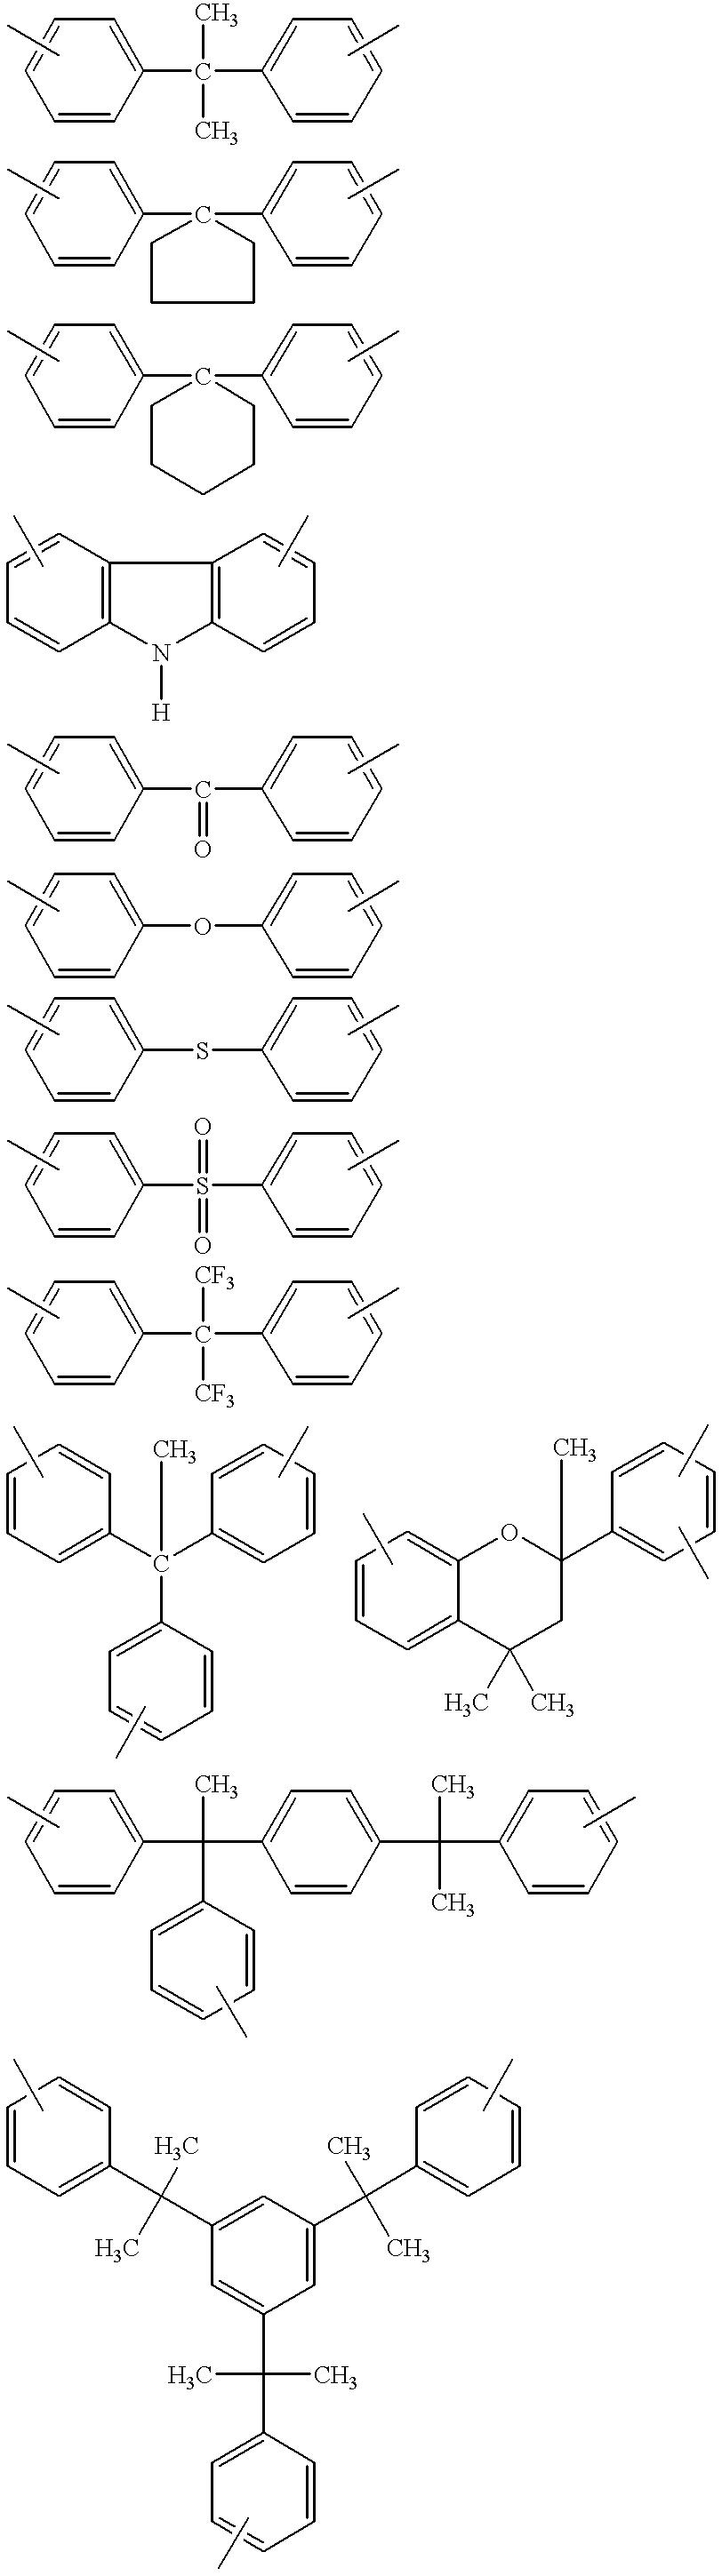 Figure US06623909-20030923-C00015